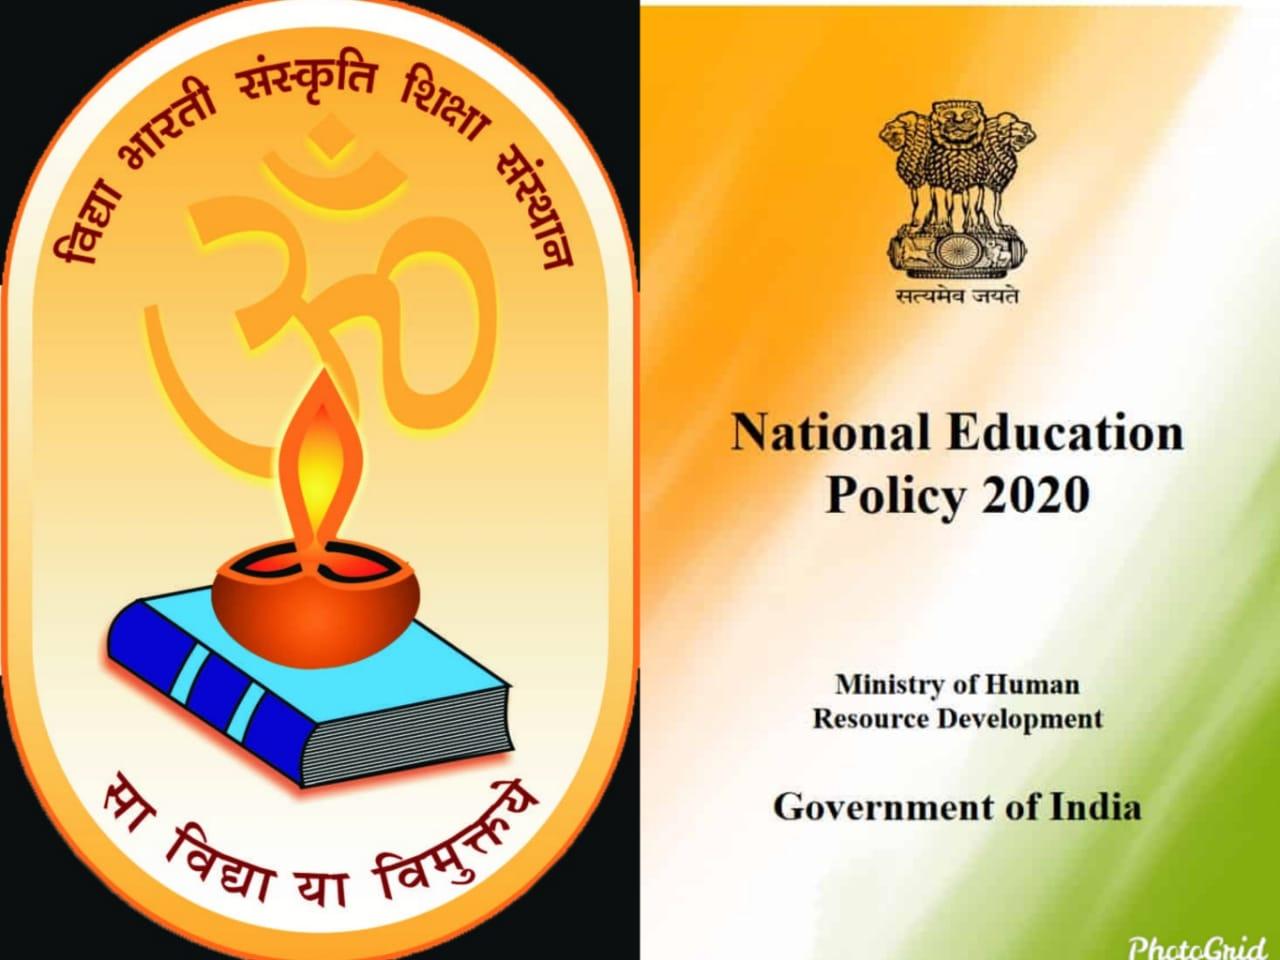 విద్యా భారతి ఆధ్వర్యంలో వివిధ అంశాలపై పోటీలు - Vidya Bharati Competitions on various topics under for students